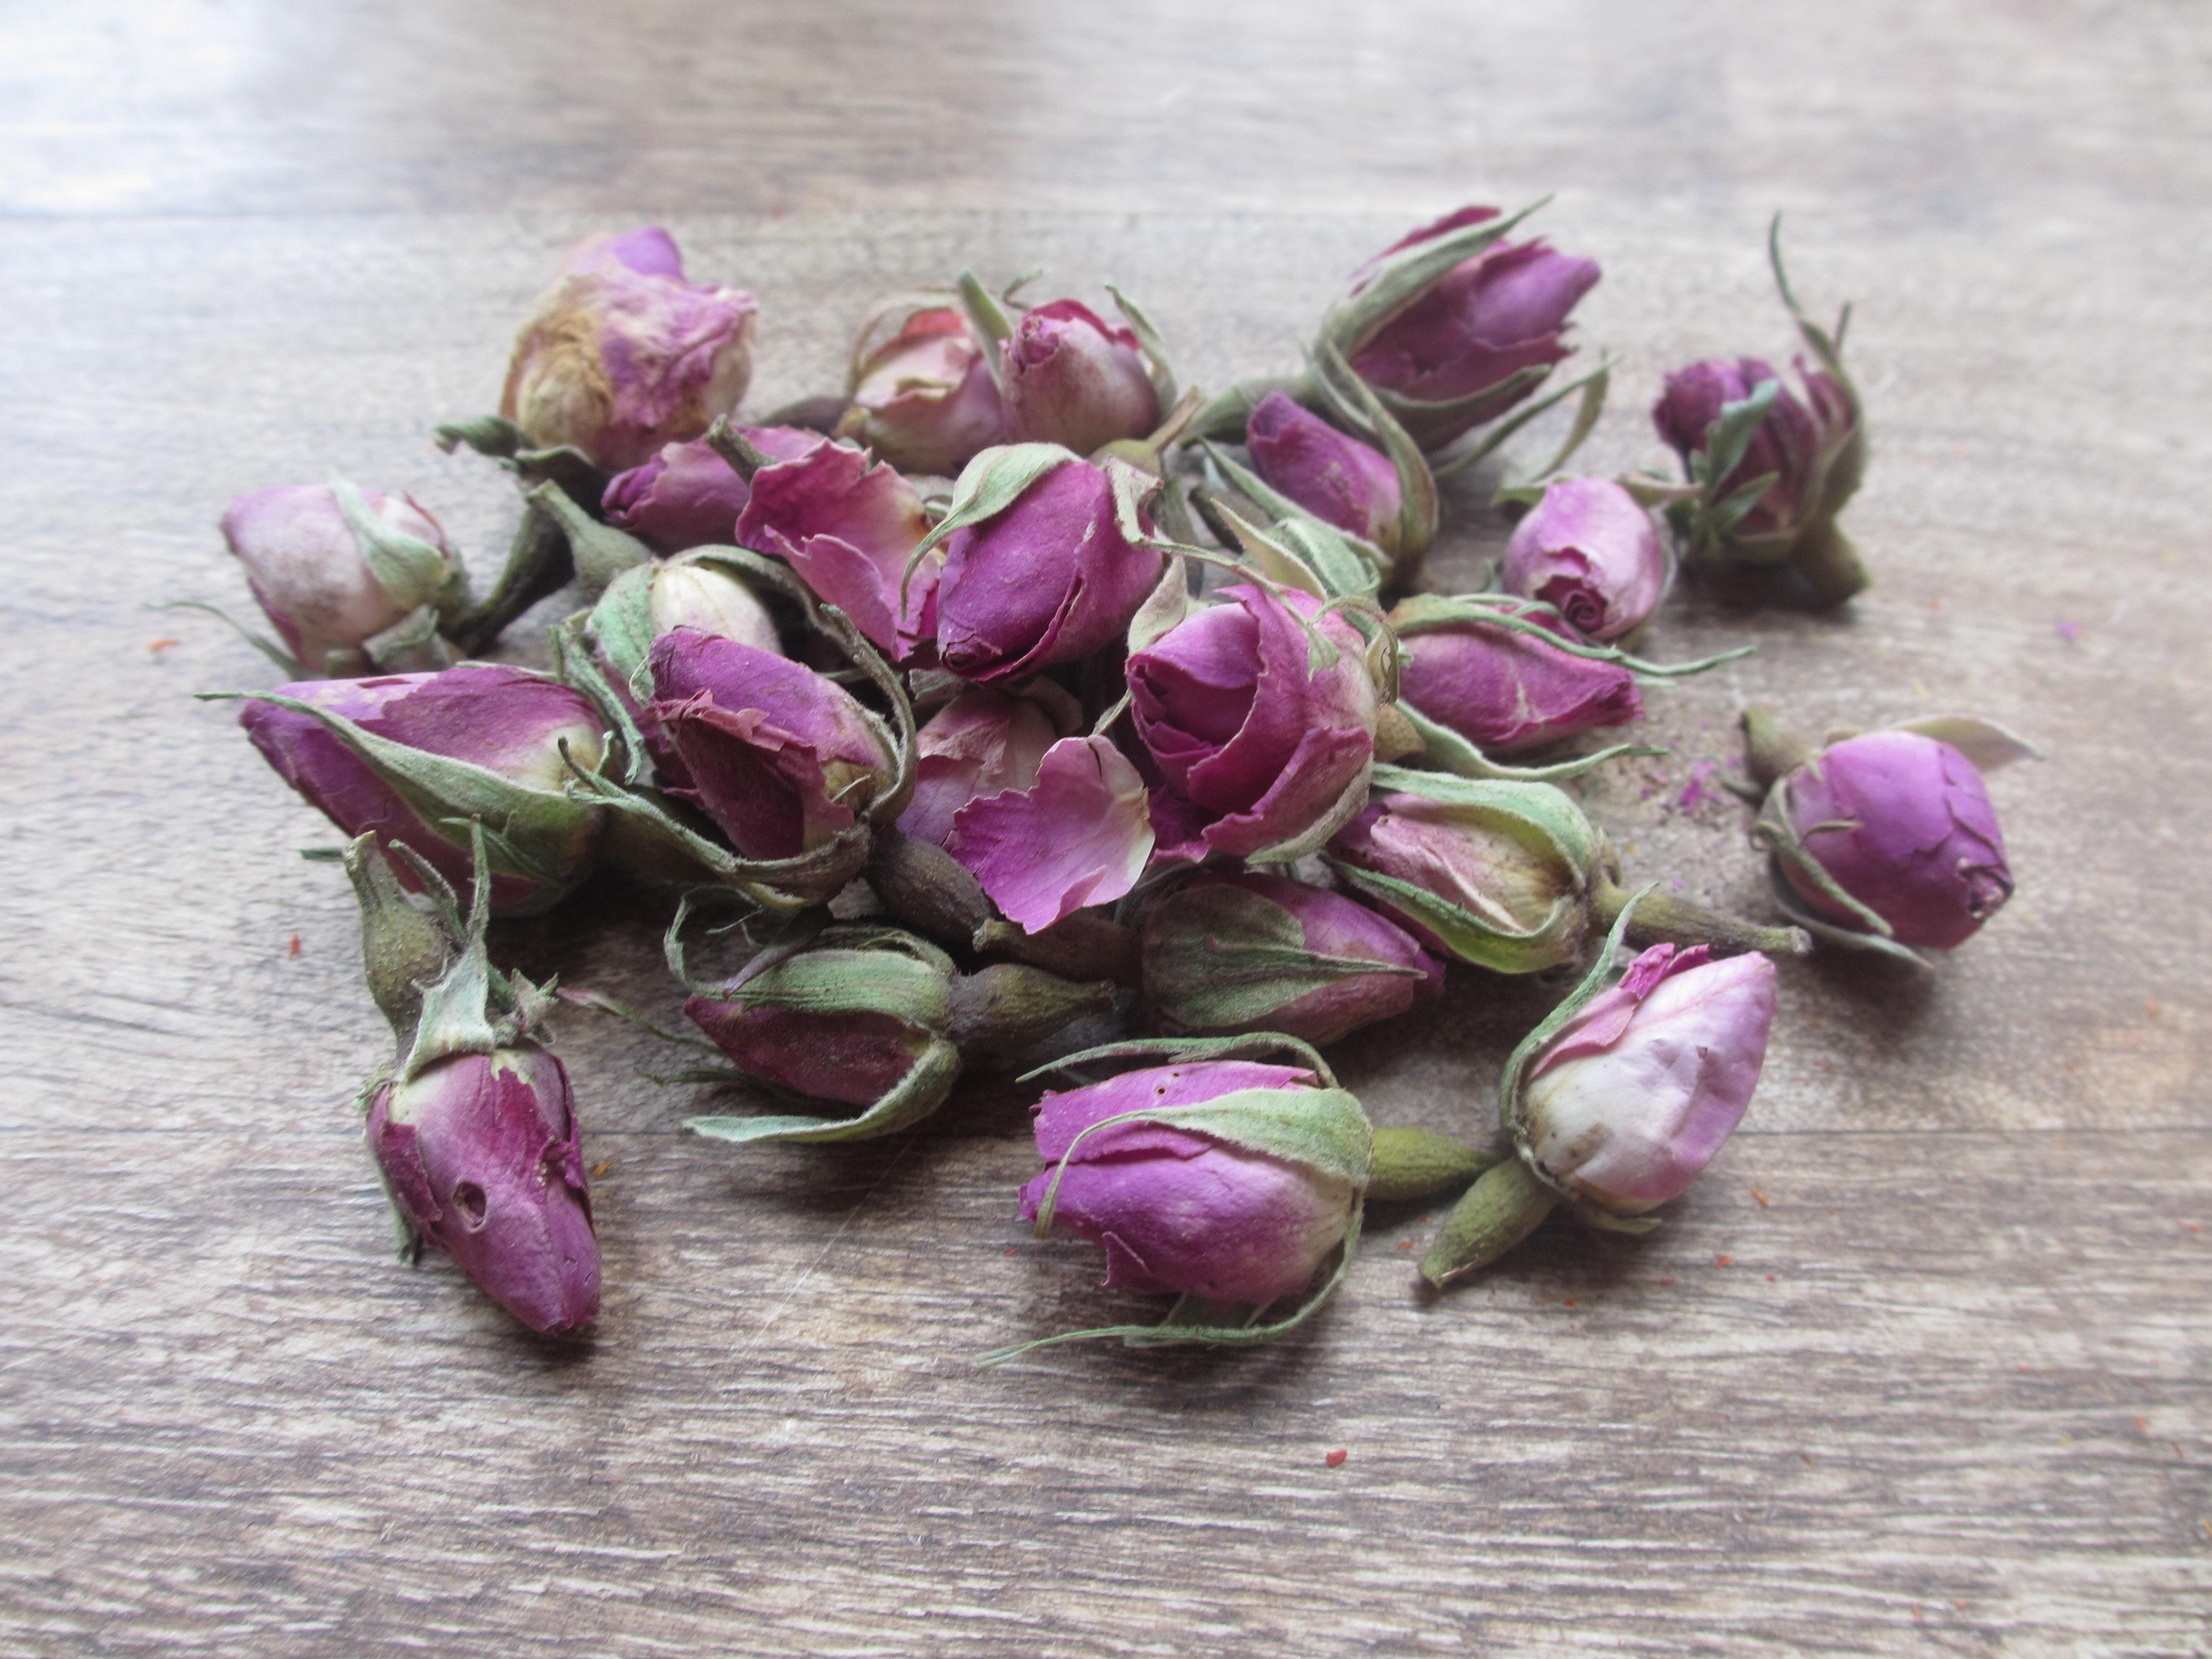 Tørret spiselige blomster, Rosenknopper 10 g.